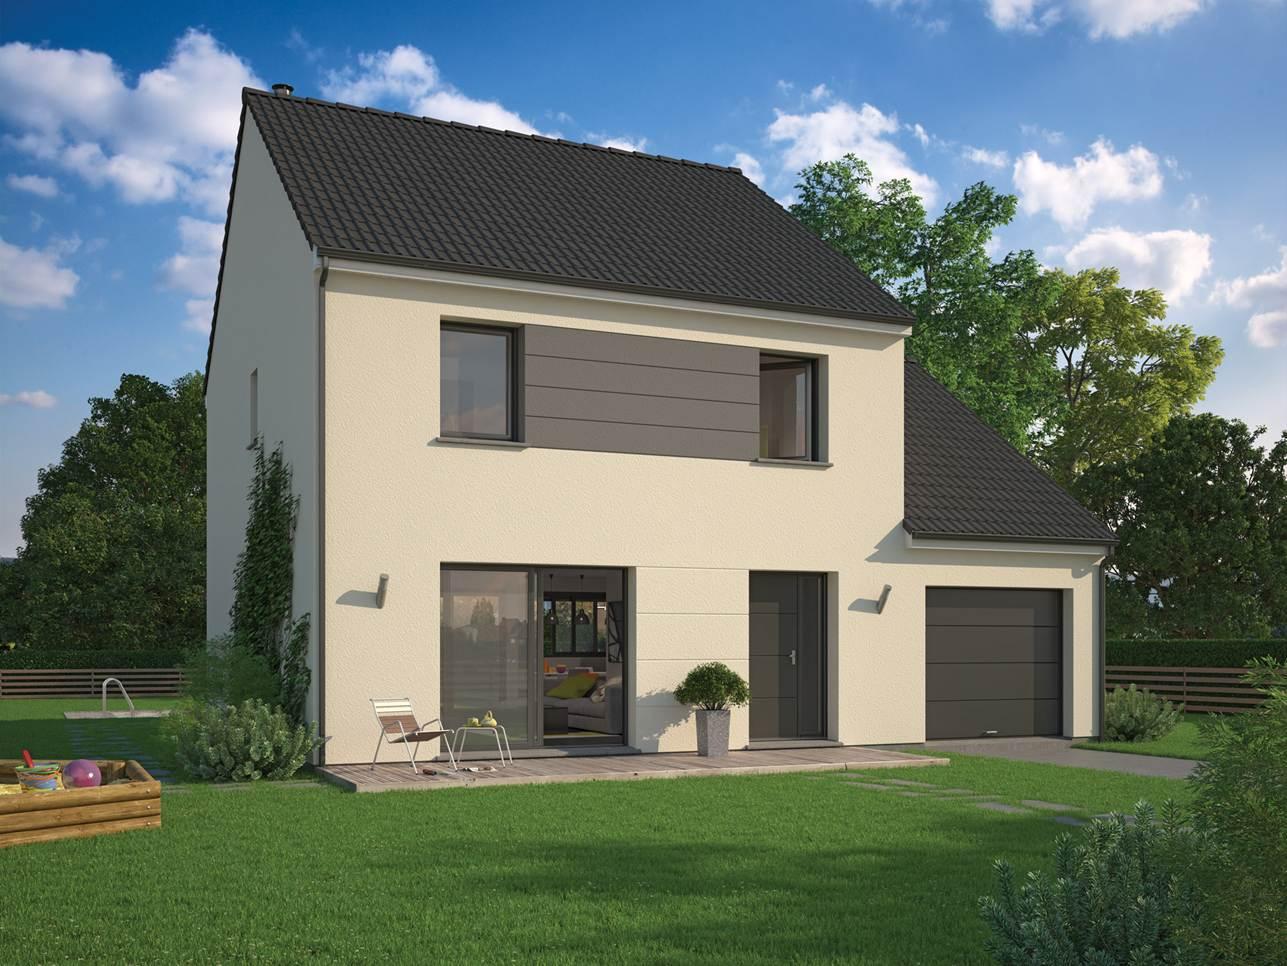 Maisons + Terrains du constructeur MAISON FAMILIALE • 95 m² • LEUVILLE SUR ORGE